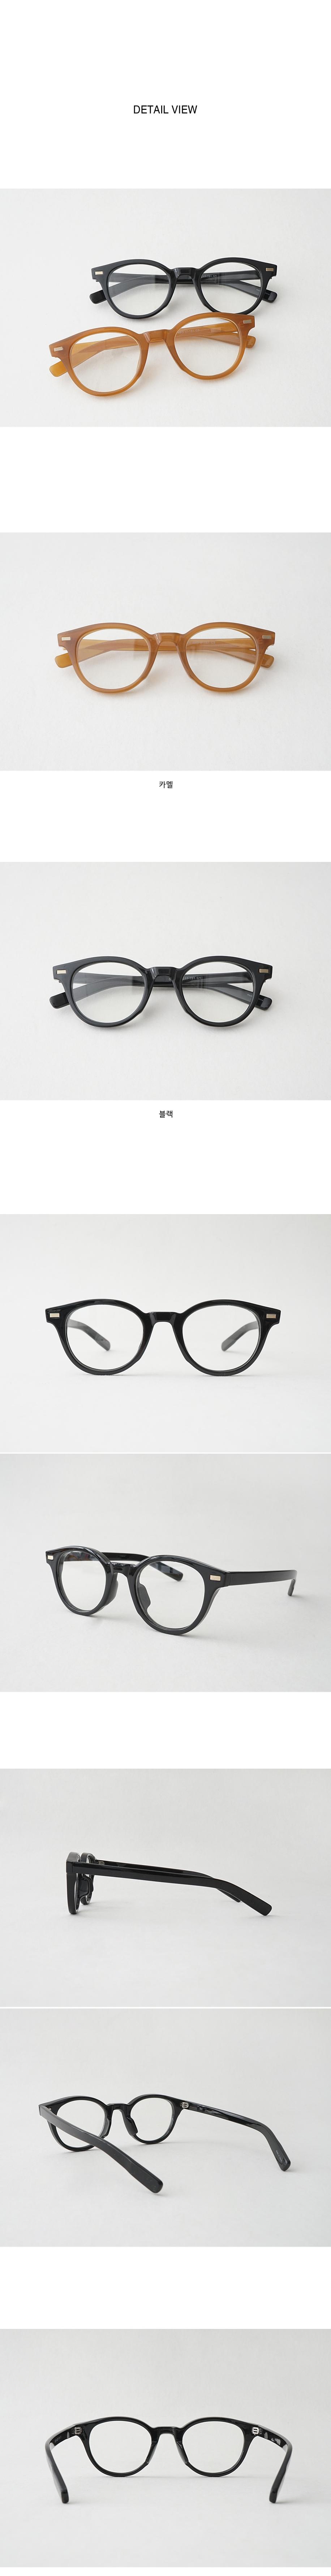 bold frame glasses